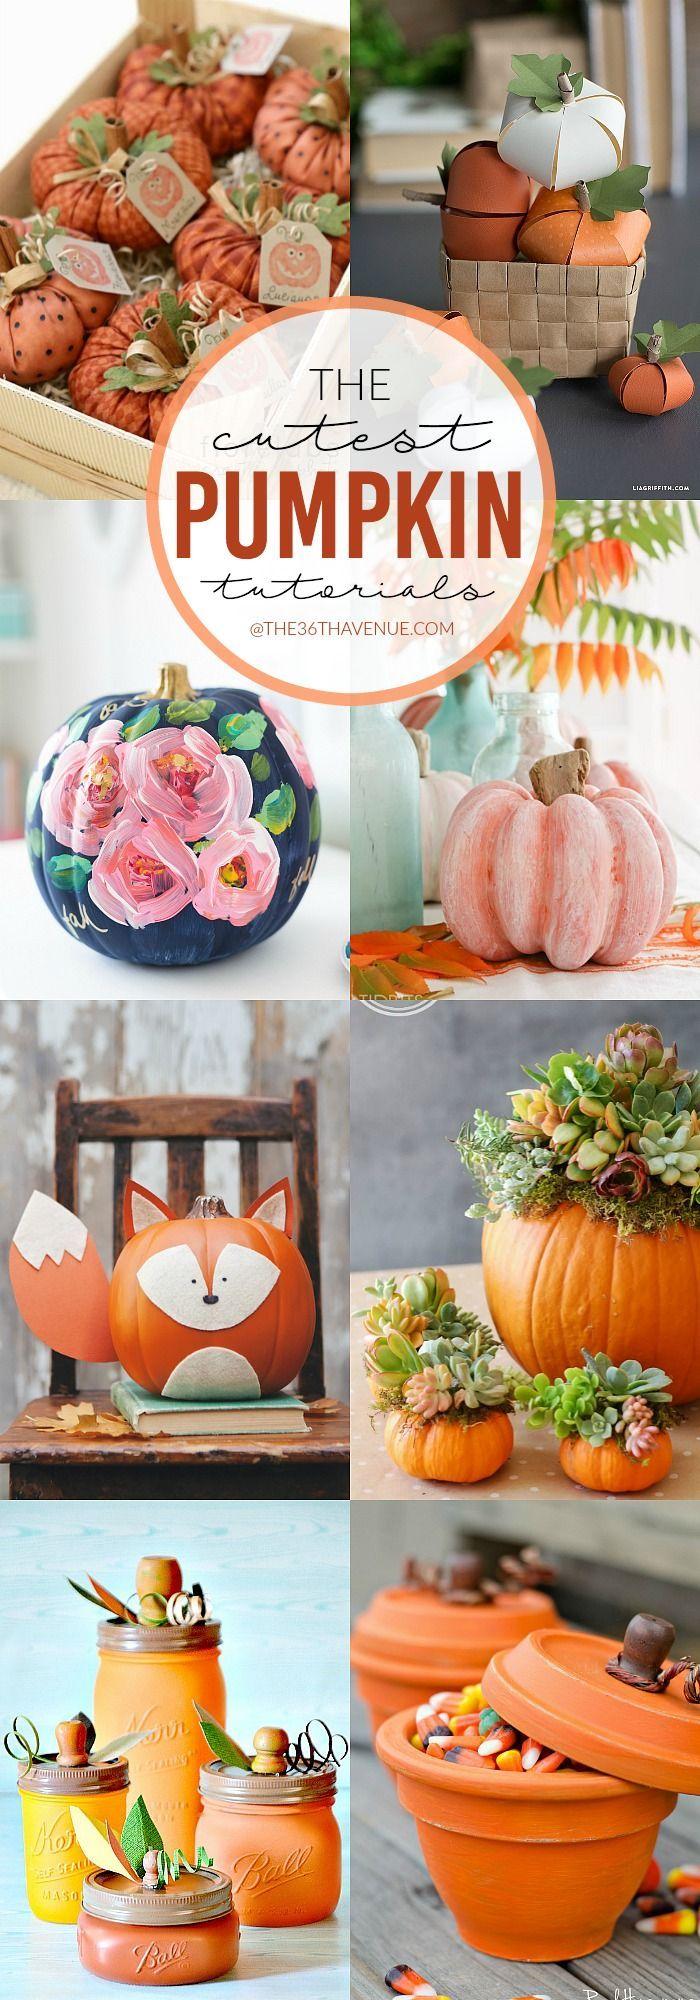 Best 25+ Fall pumpkins ideas on Pinterest | White pumpkin decor ...